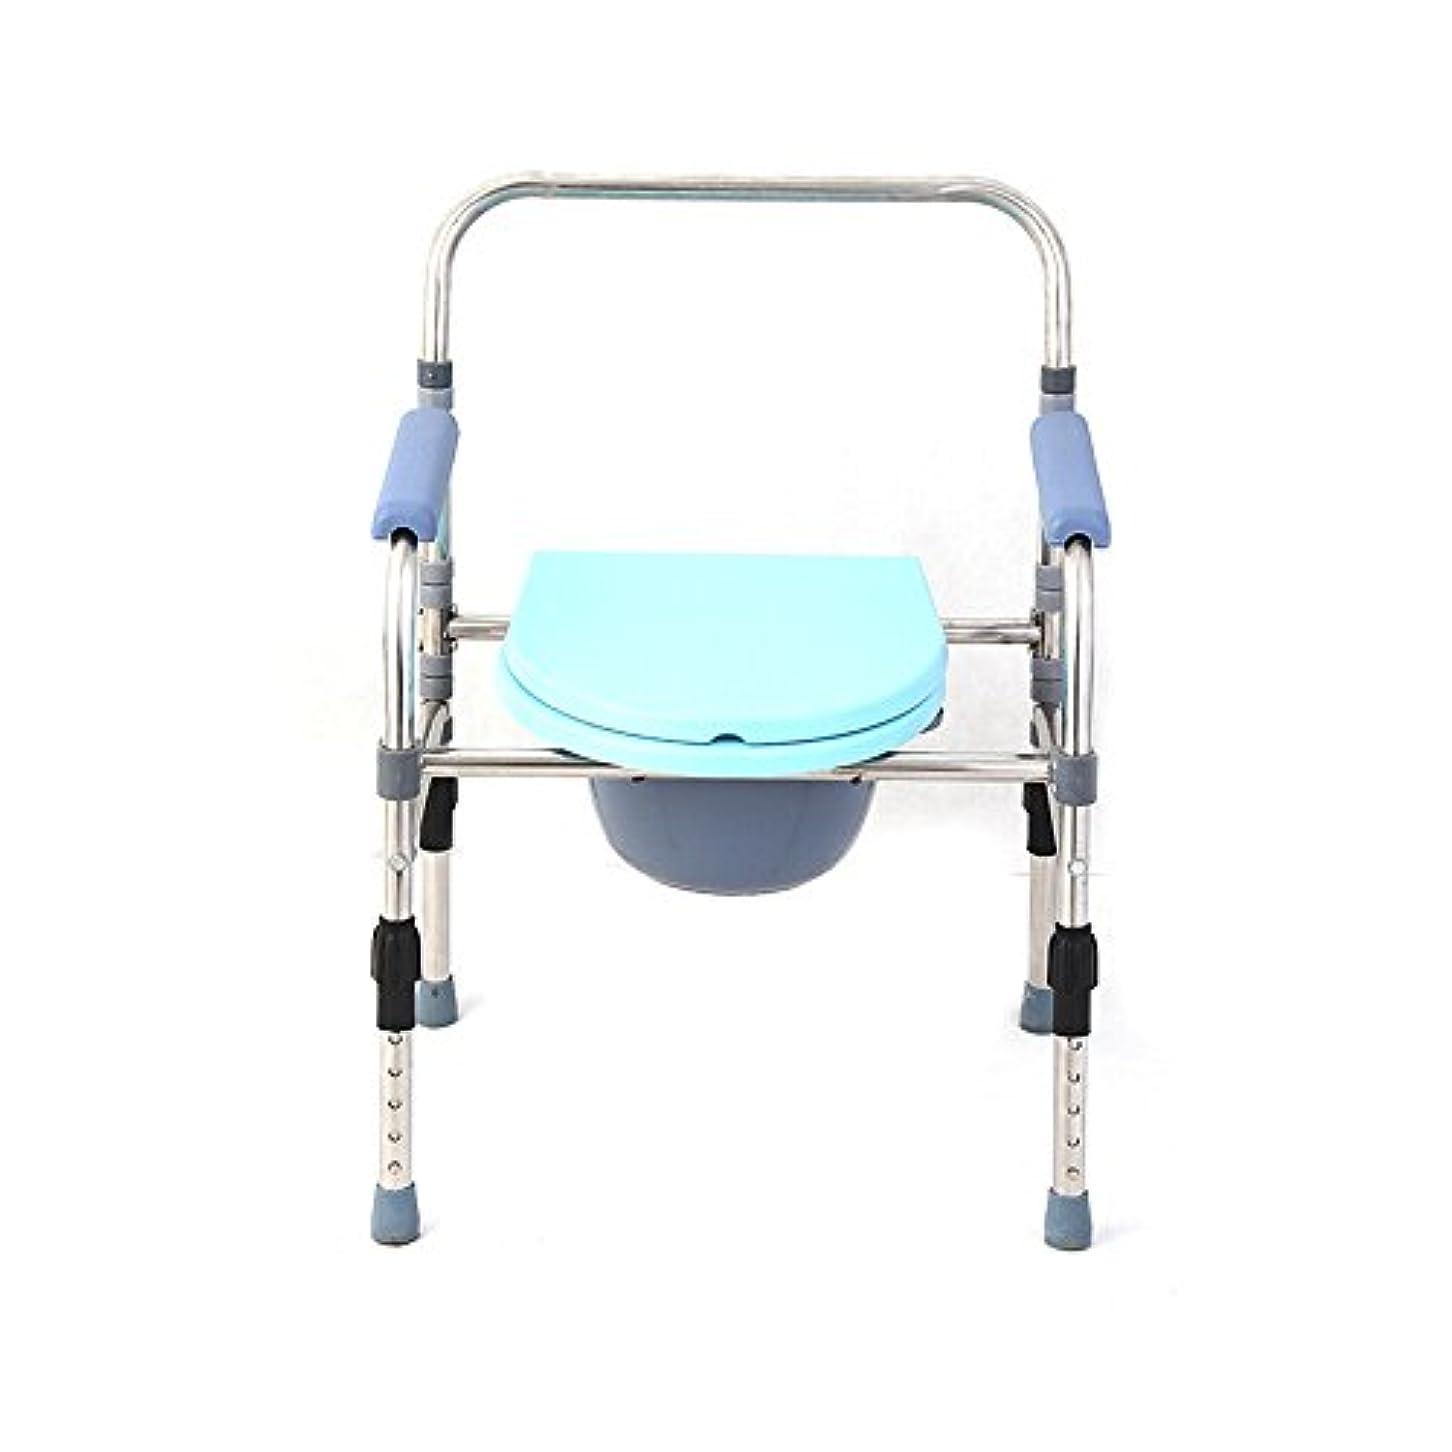 ホーム上流の苦しみ- 便器/トイレ椅子重いアルミニウム合金、セーフティフレームレール付きの医療用品の折りたたみベッドサイド、高級バスケットとスプラッシュガードをシニア向けにアップグレード チェスト